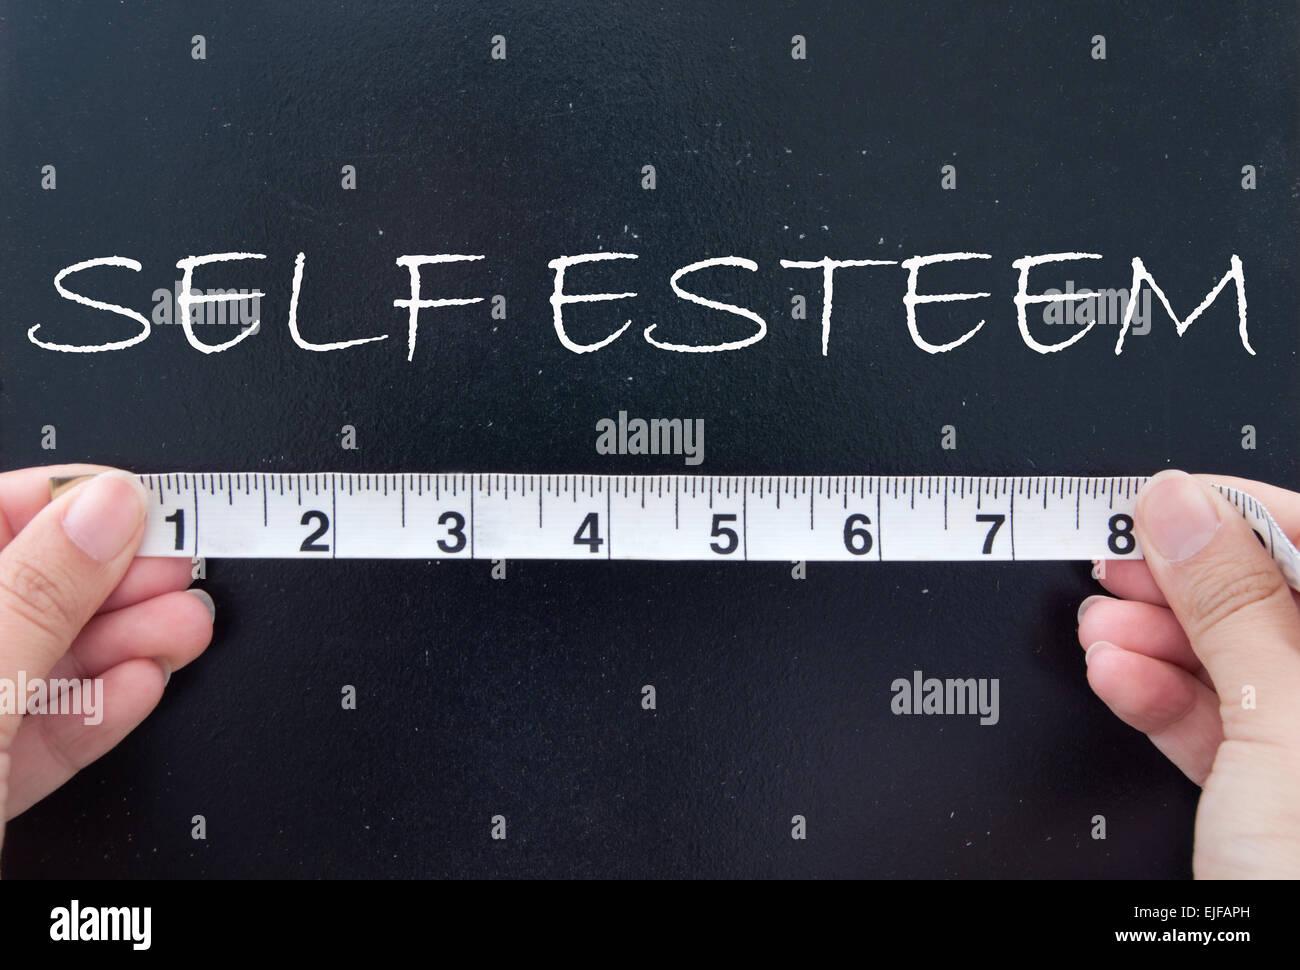 Measuring self esteem - Stock Image